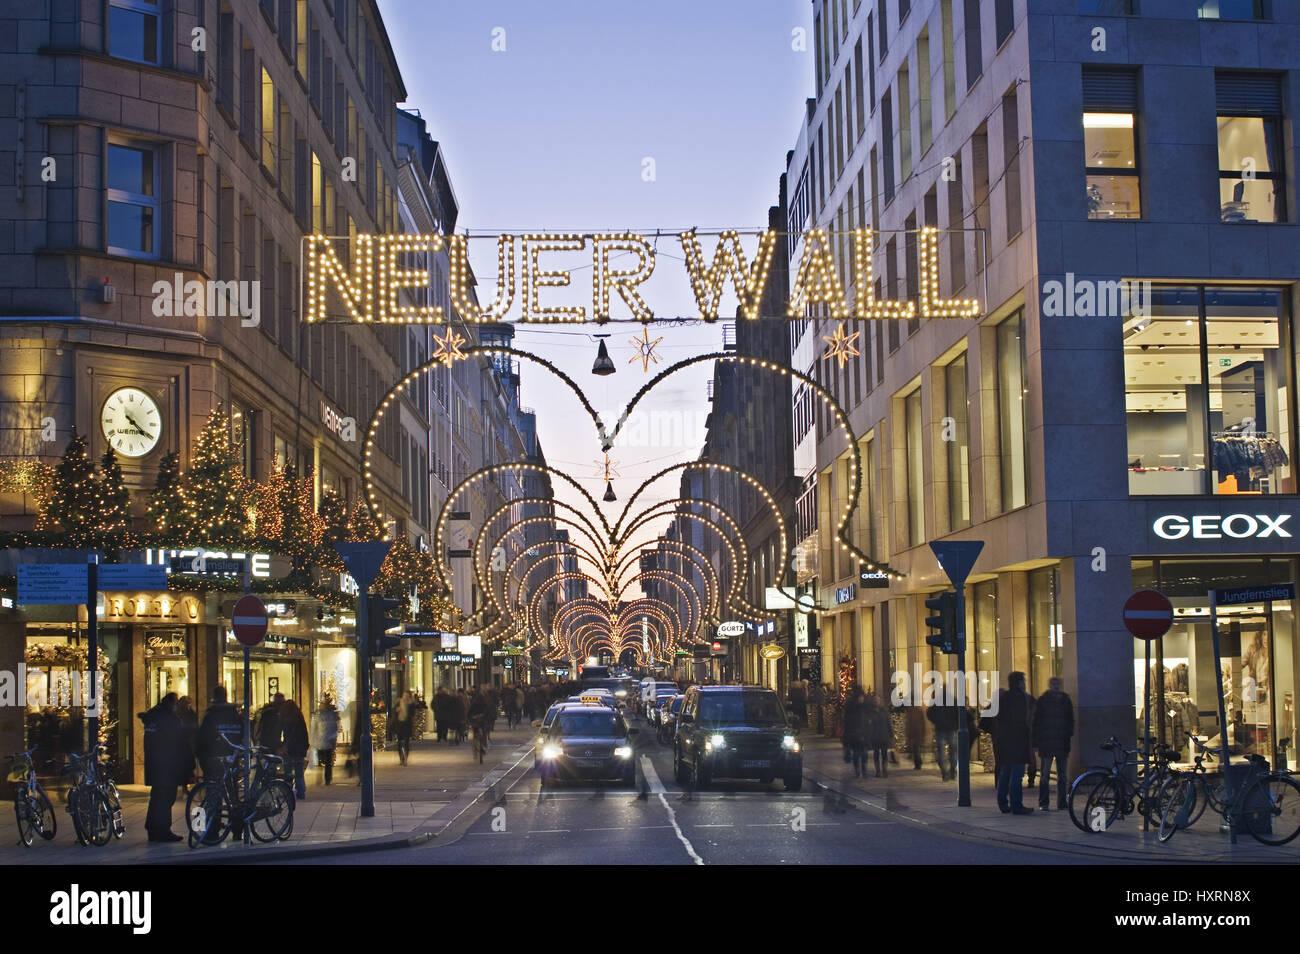 Neuer Wall Weihnachtsbeleuchtung.Neuer Wall Street Stock Photos Neuer Wall Street Stock Images Alamy